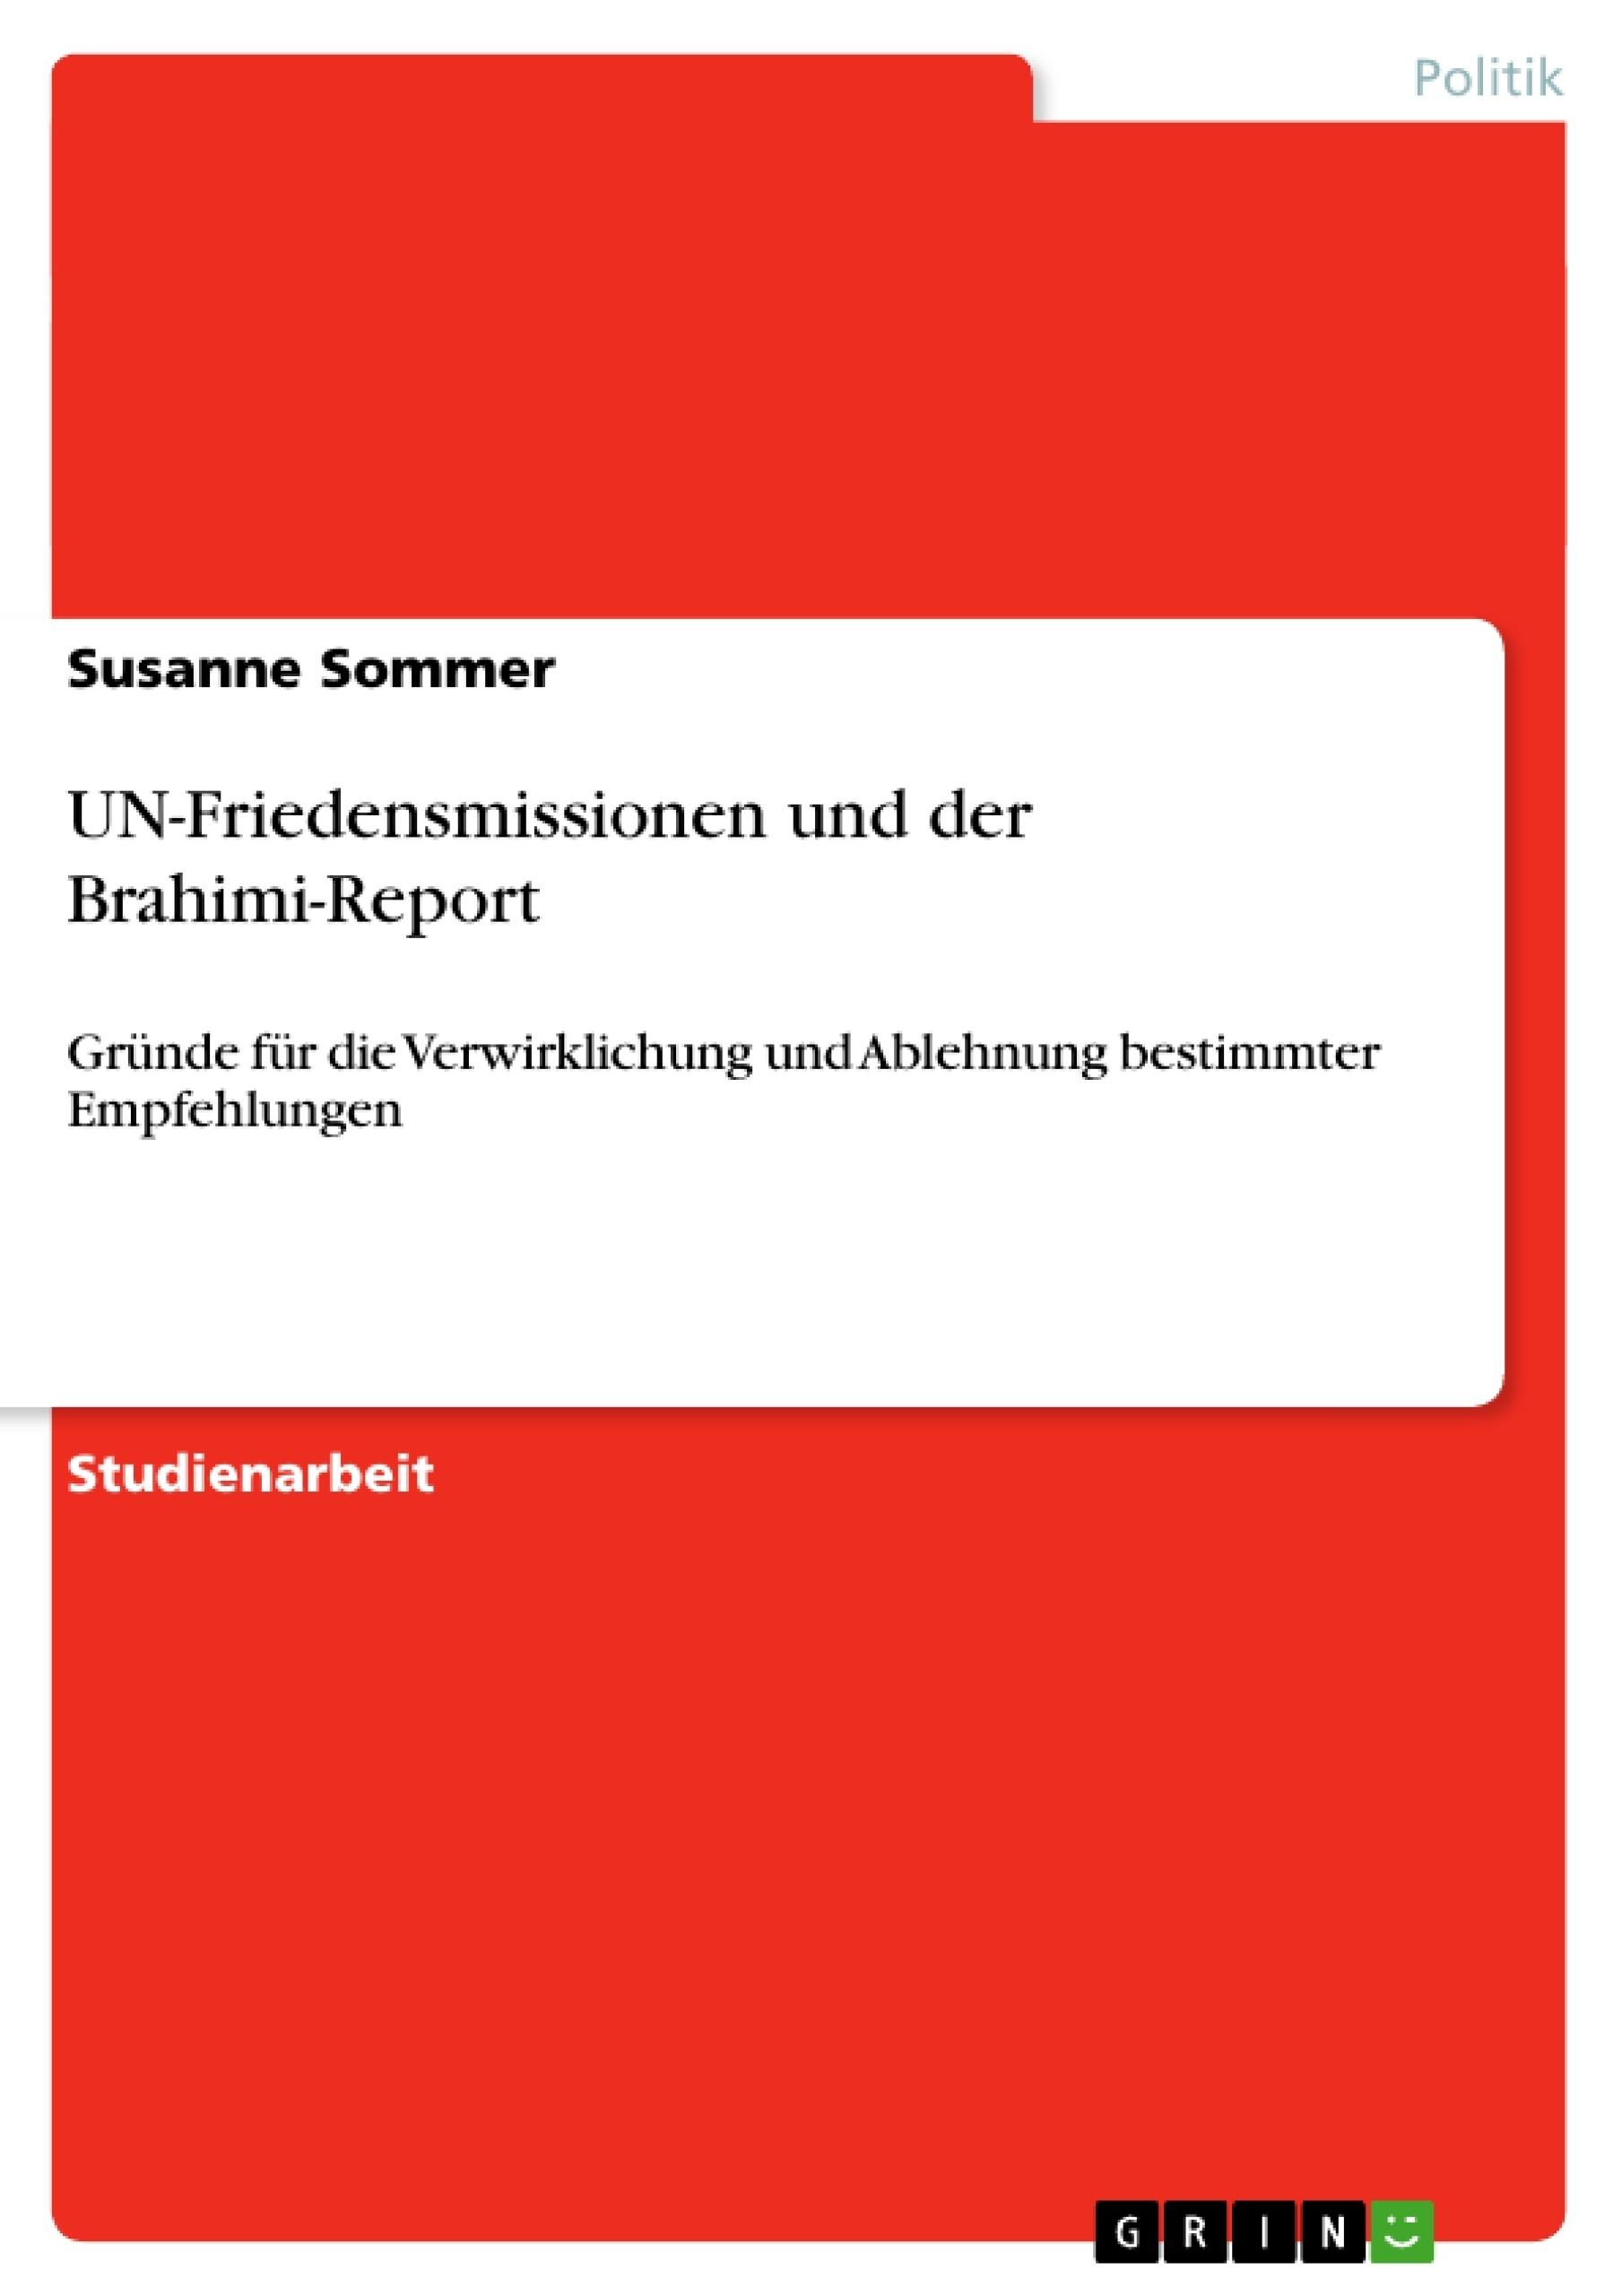 Titel: UN-Friedensmissionen und der Brahimi-Report